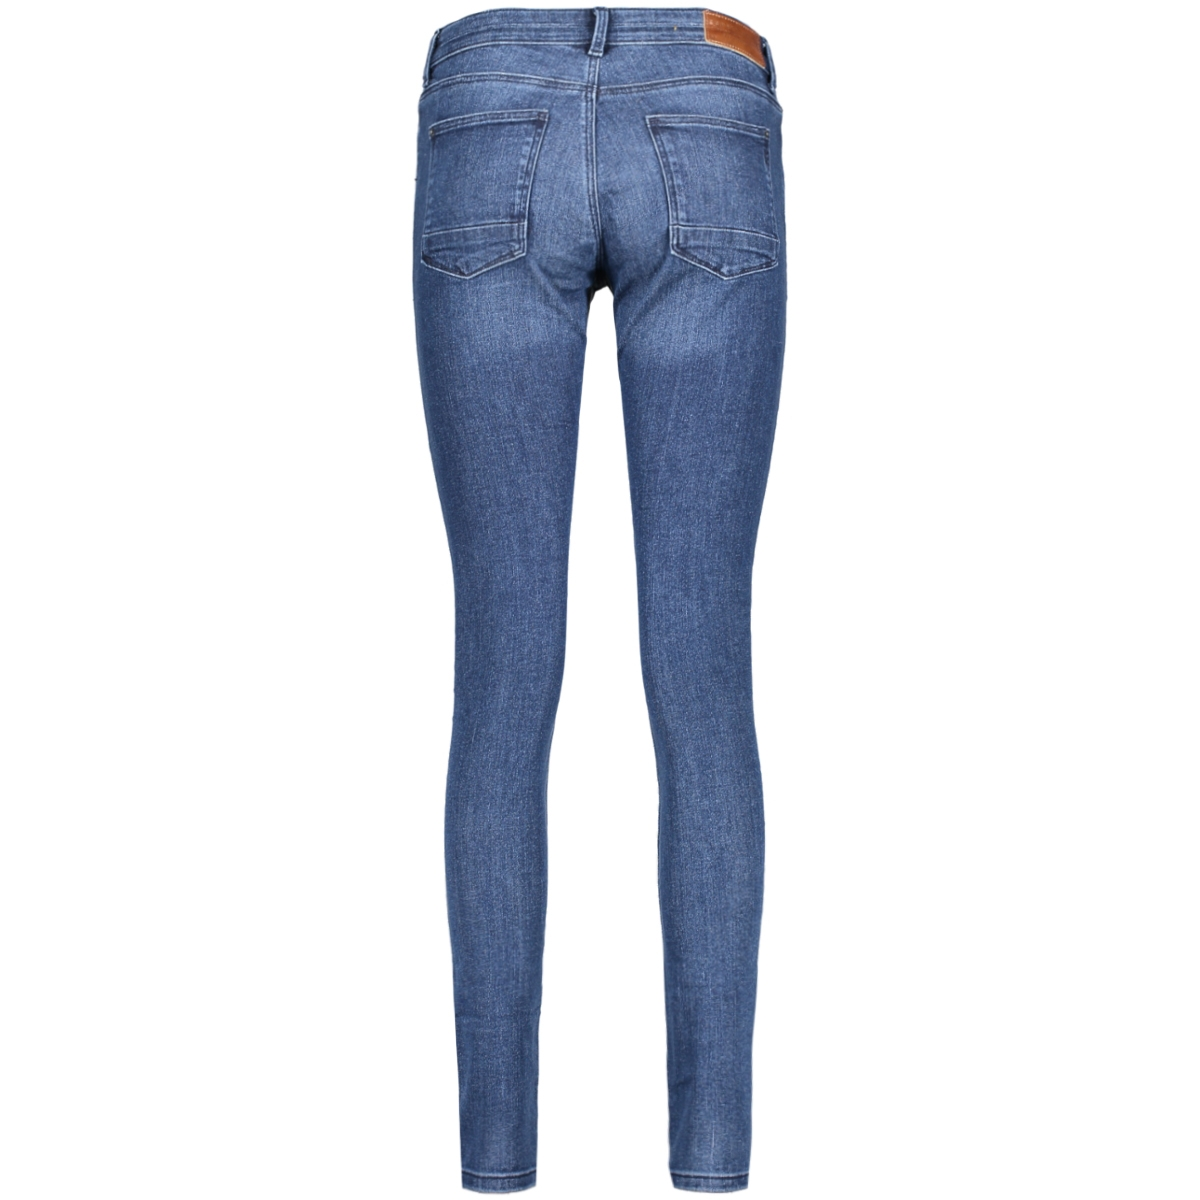 997ee1b804 esprit jeans e902